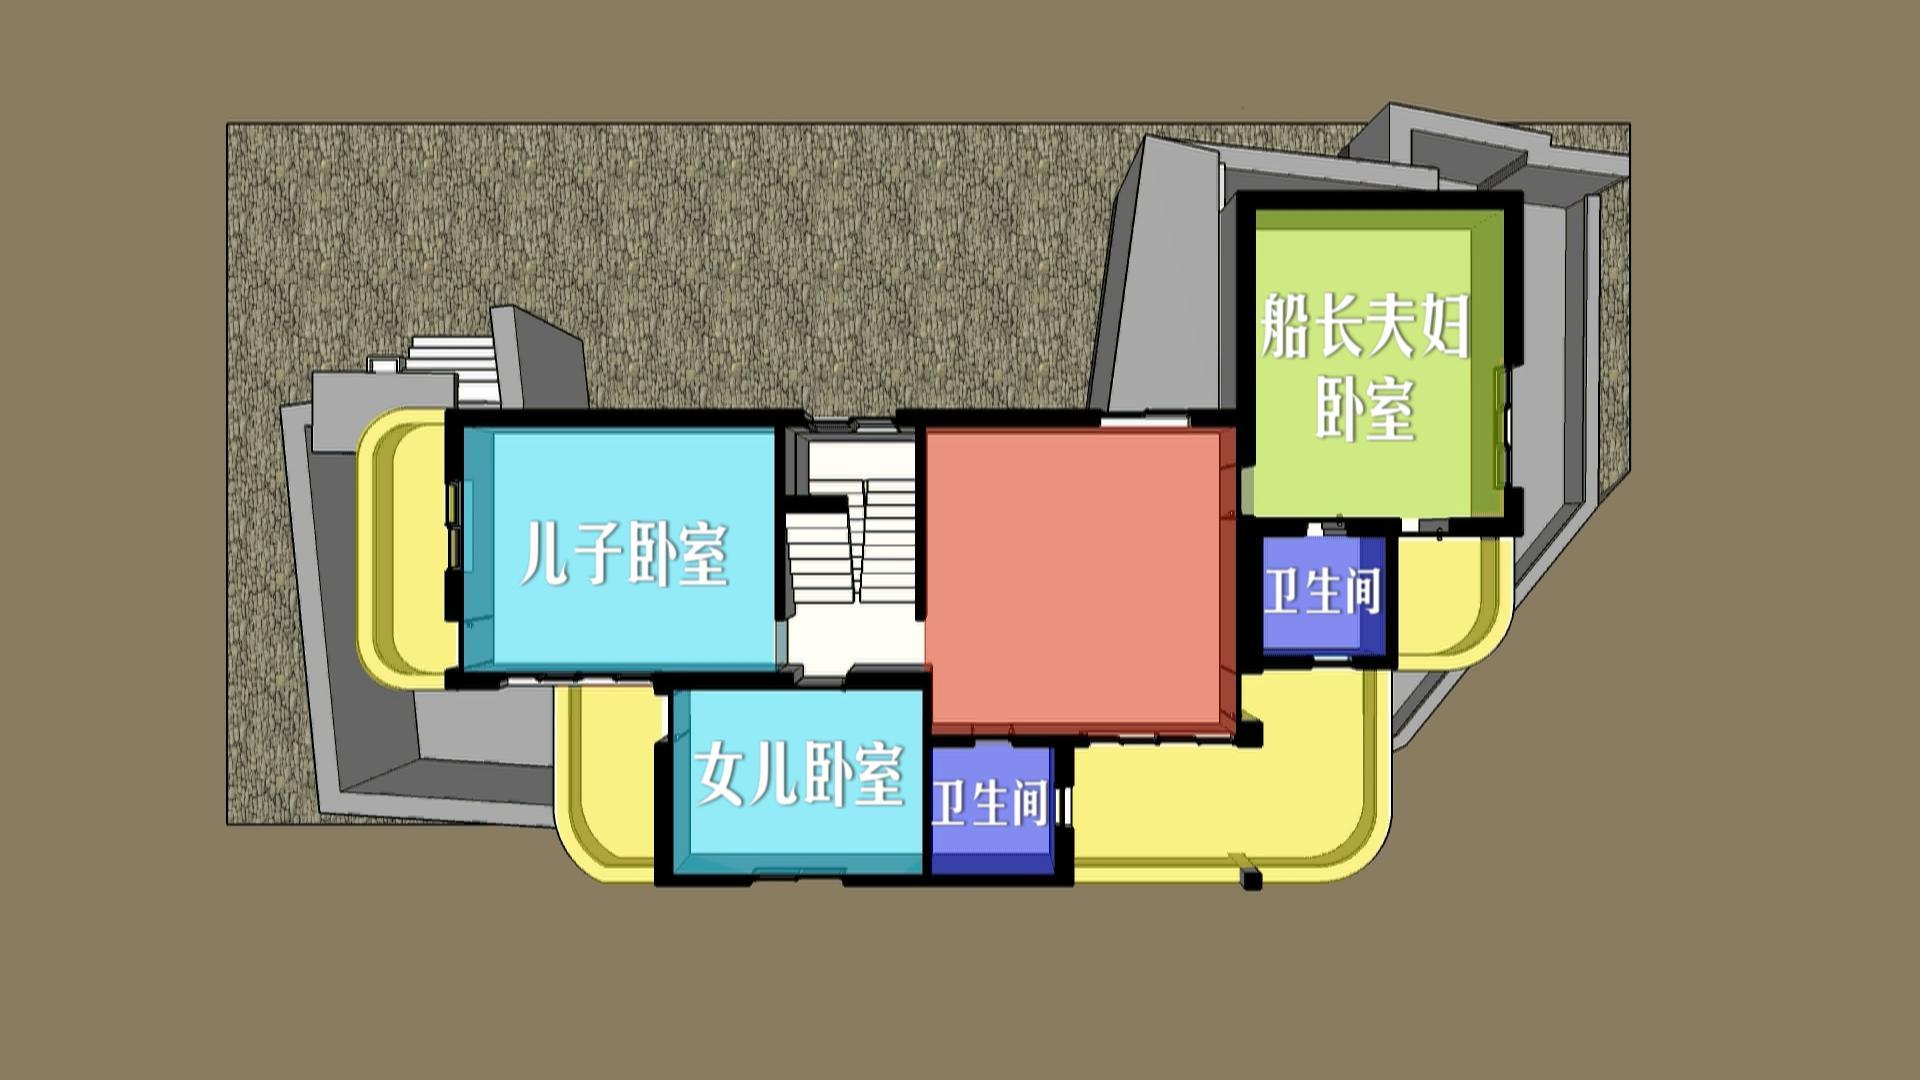 改造前二楼平面图 解决方案 由于董功平时工作大都在北京进行,而委托人家位置又相对偏僻,董工和肖从真商量决定异地操刀,在当地寻找施工方施工。为求完美,要求严苛的董功不仅在开工前将各种施工的规范和细节一一与施工队交流并确认,更要求施工队进行样墙涂刷,以此来确定设计可实现度并进行及时调整。